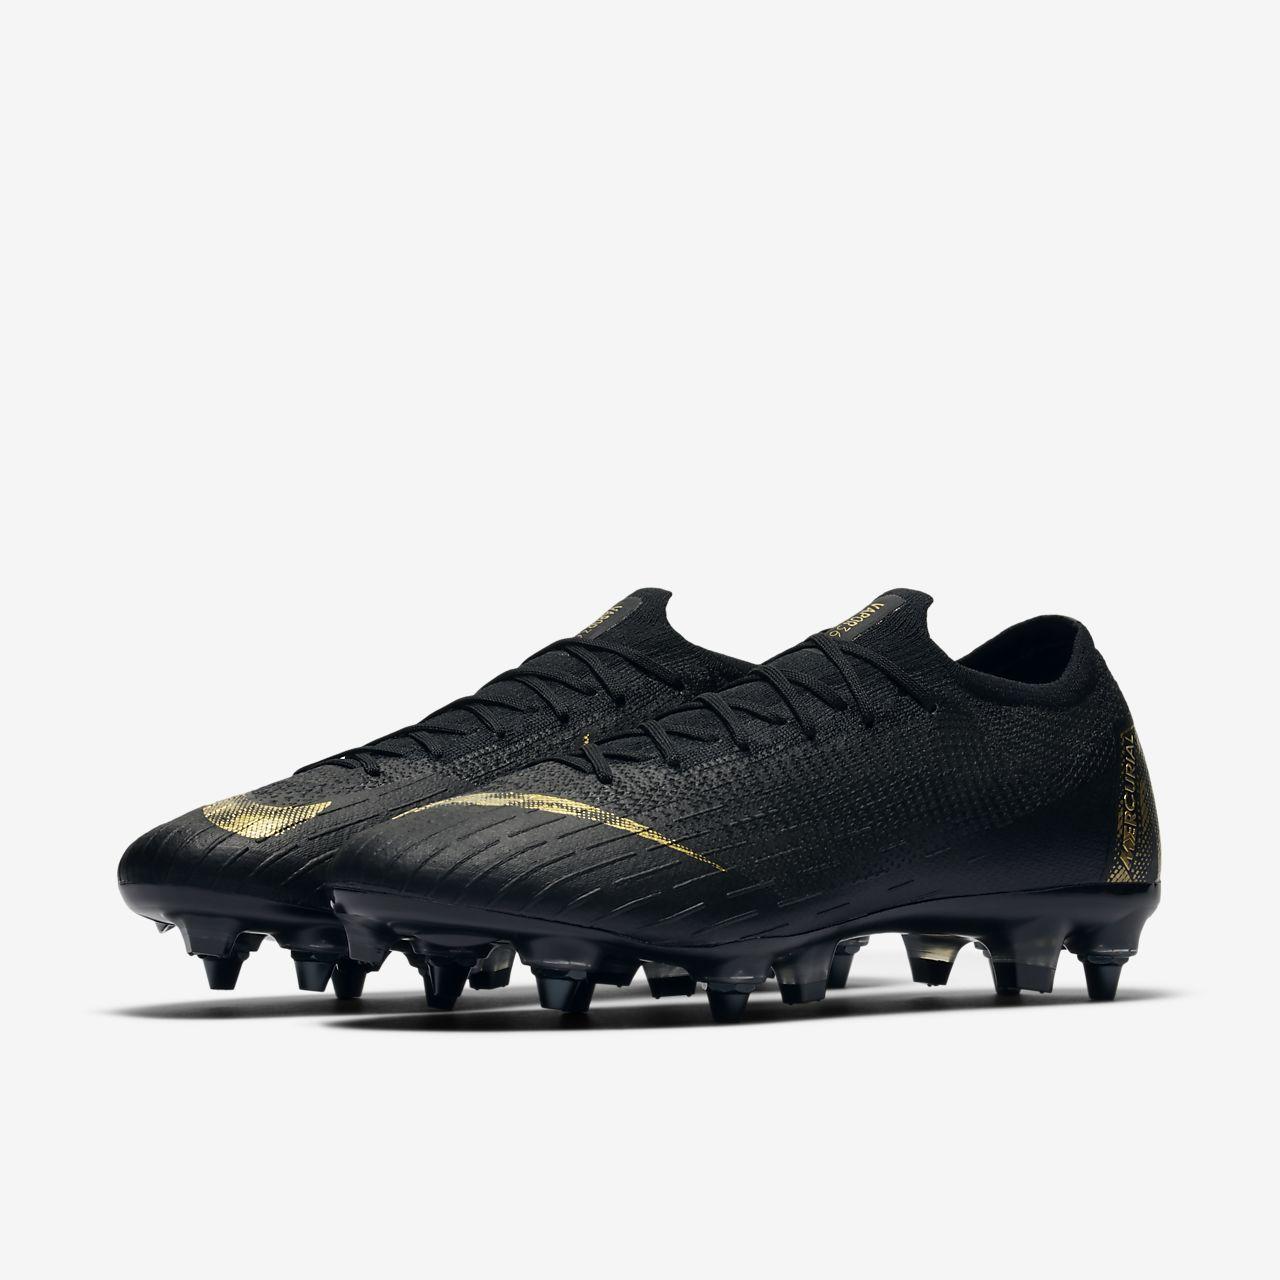 62090835 ... Футбольные бутсы для игры на мягком грунте Nike Mercurial Vapor 360  Elite SG-PRO Anti